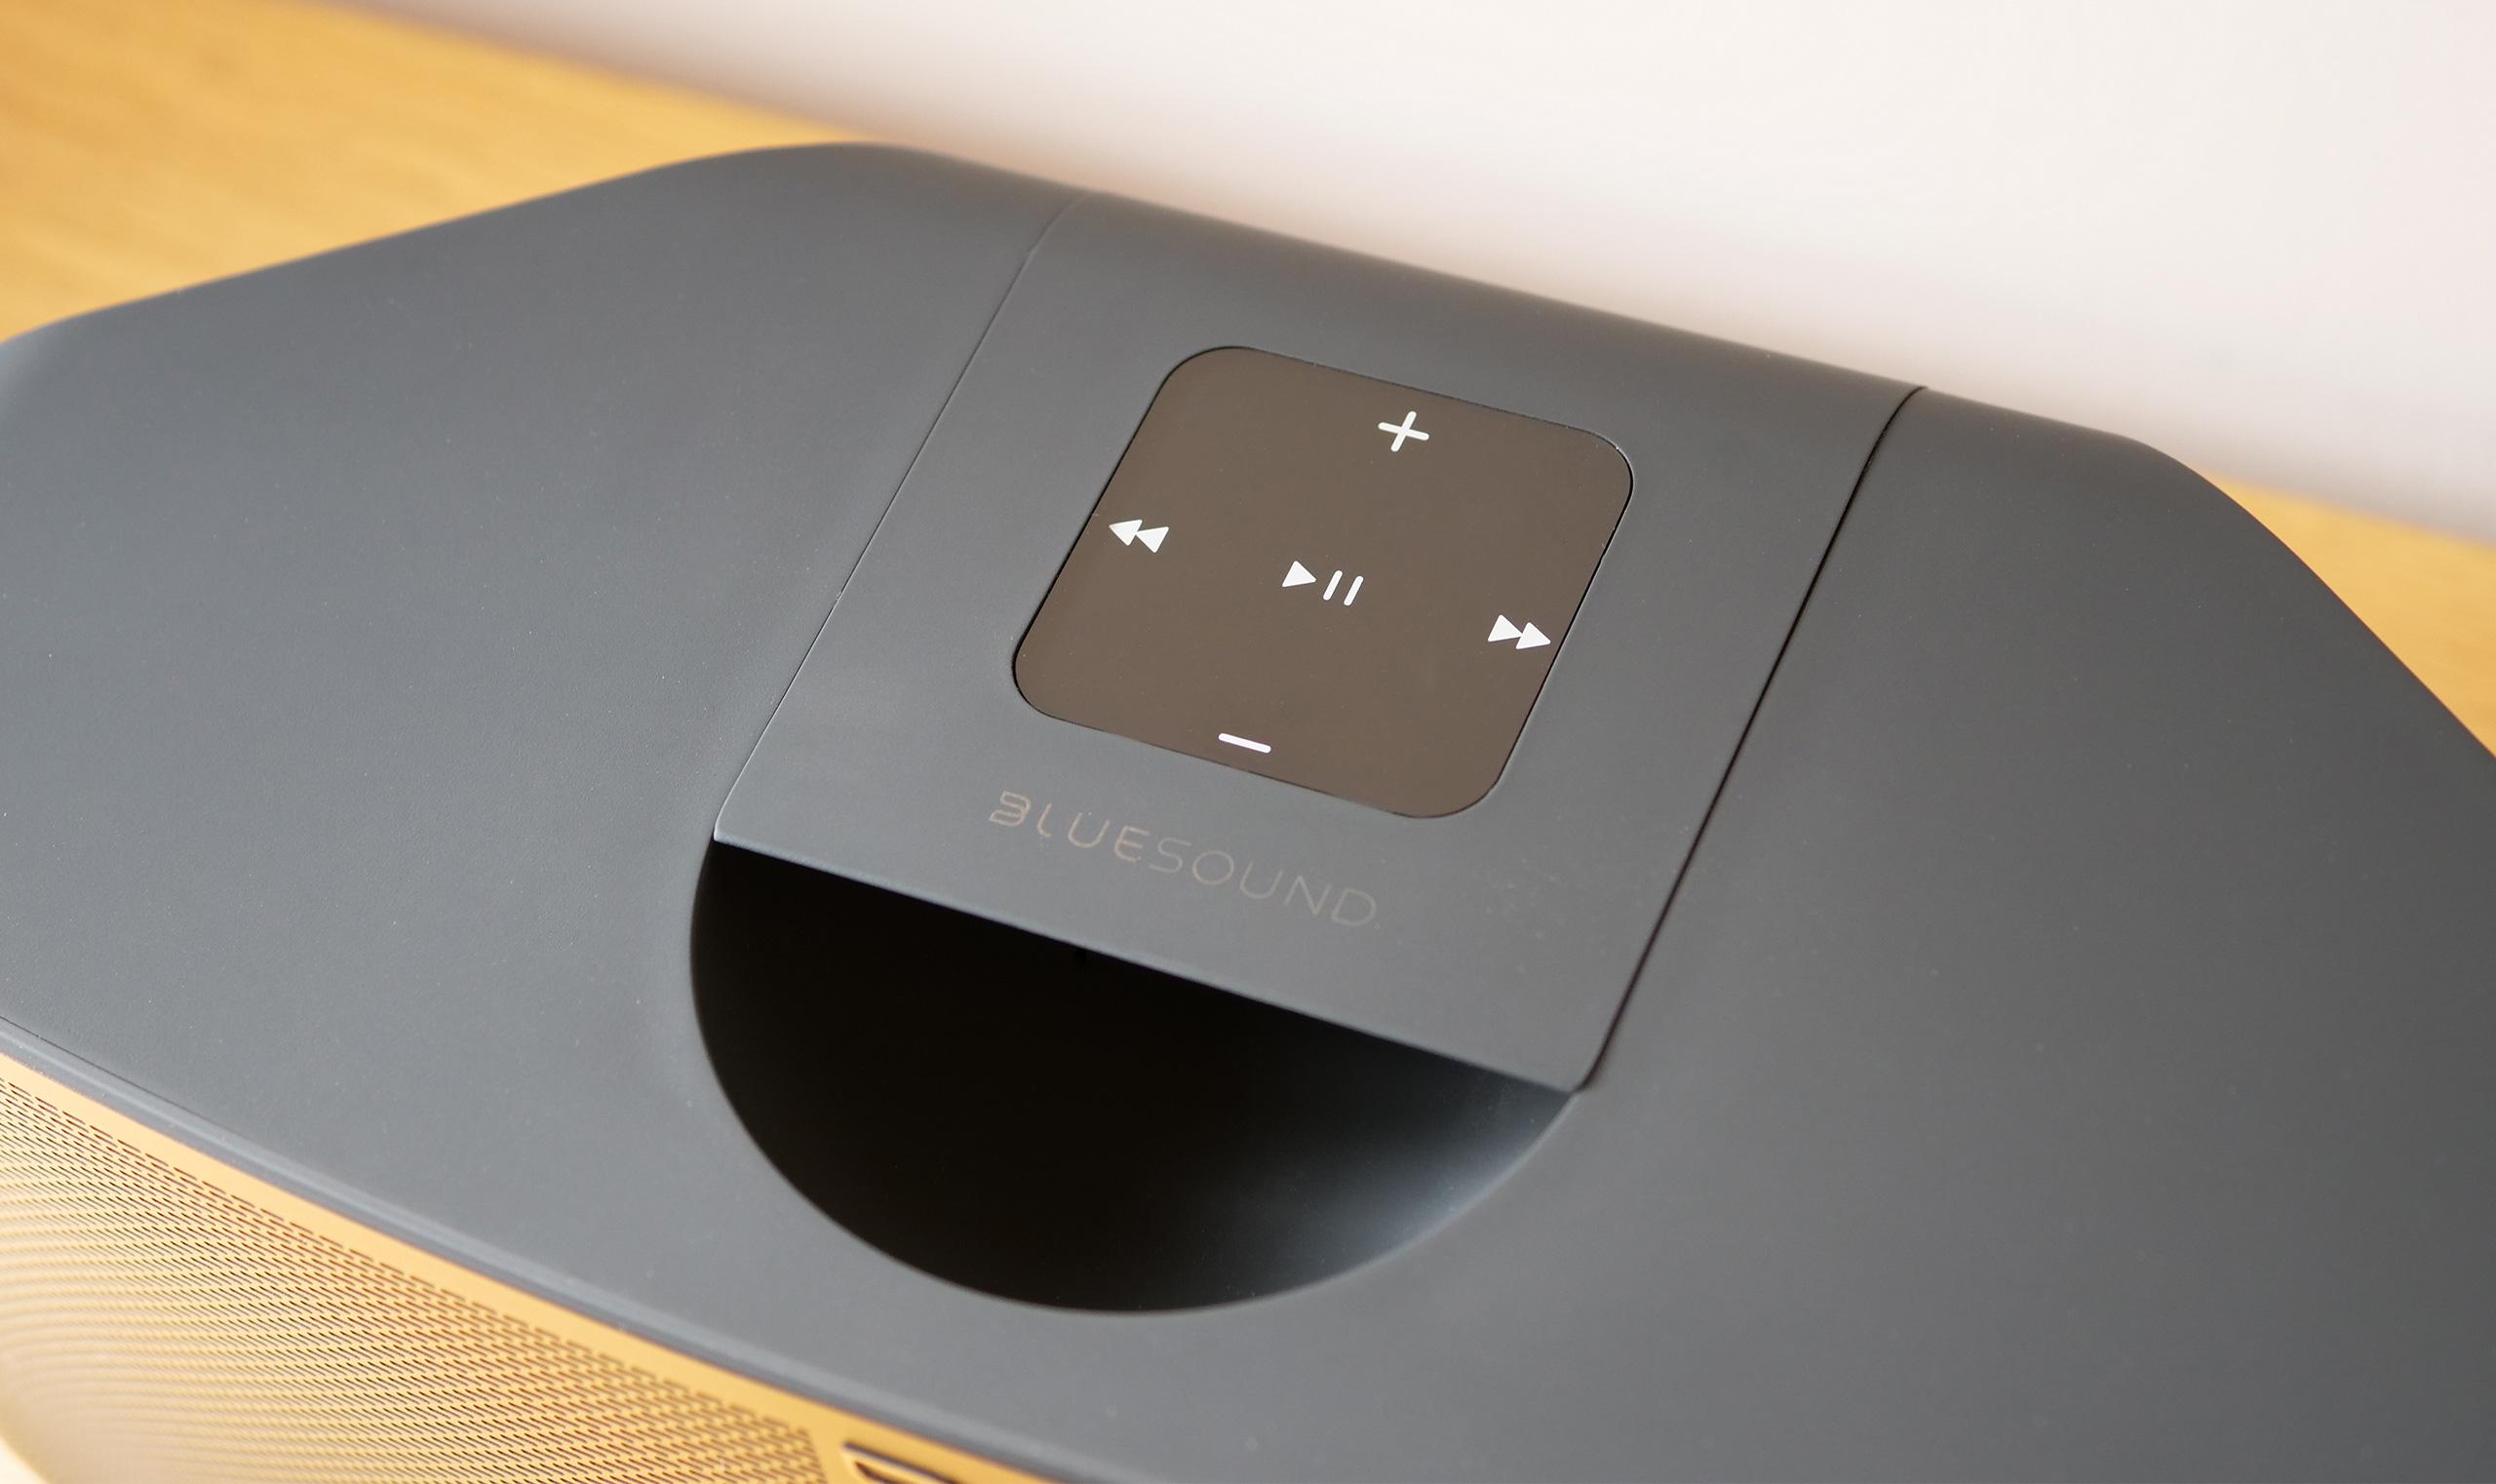 Un pavé de cinq boutons positionné sur l'enceinte donne accès aux fonctions essentielles. Cela évite de sortir son smartphone pour mettre la musique en pause par exemple.